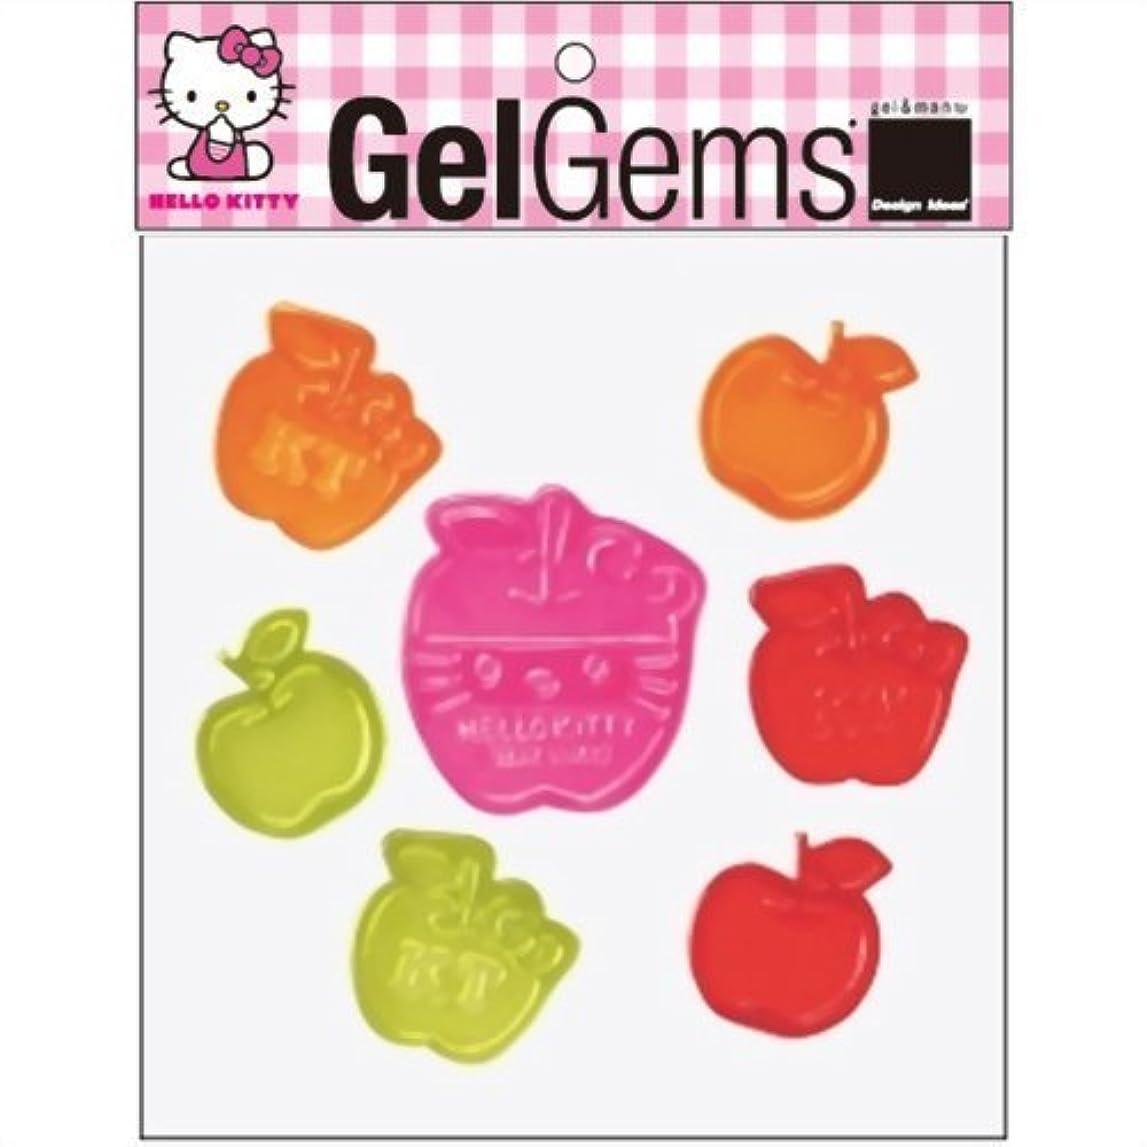 赤面魔女つぼみジェルジェムハローキティバッグS 「 リンゴフェイス 」 E1200001